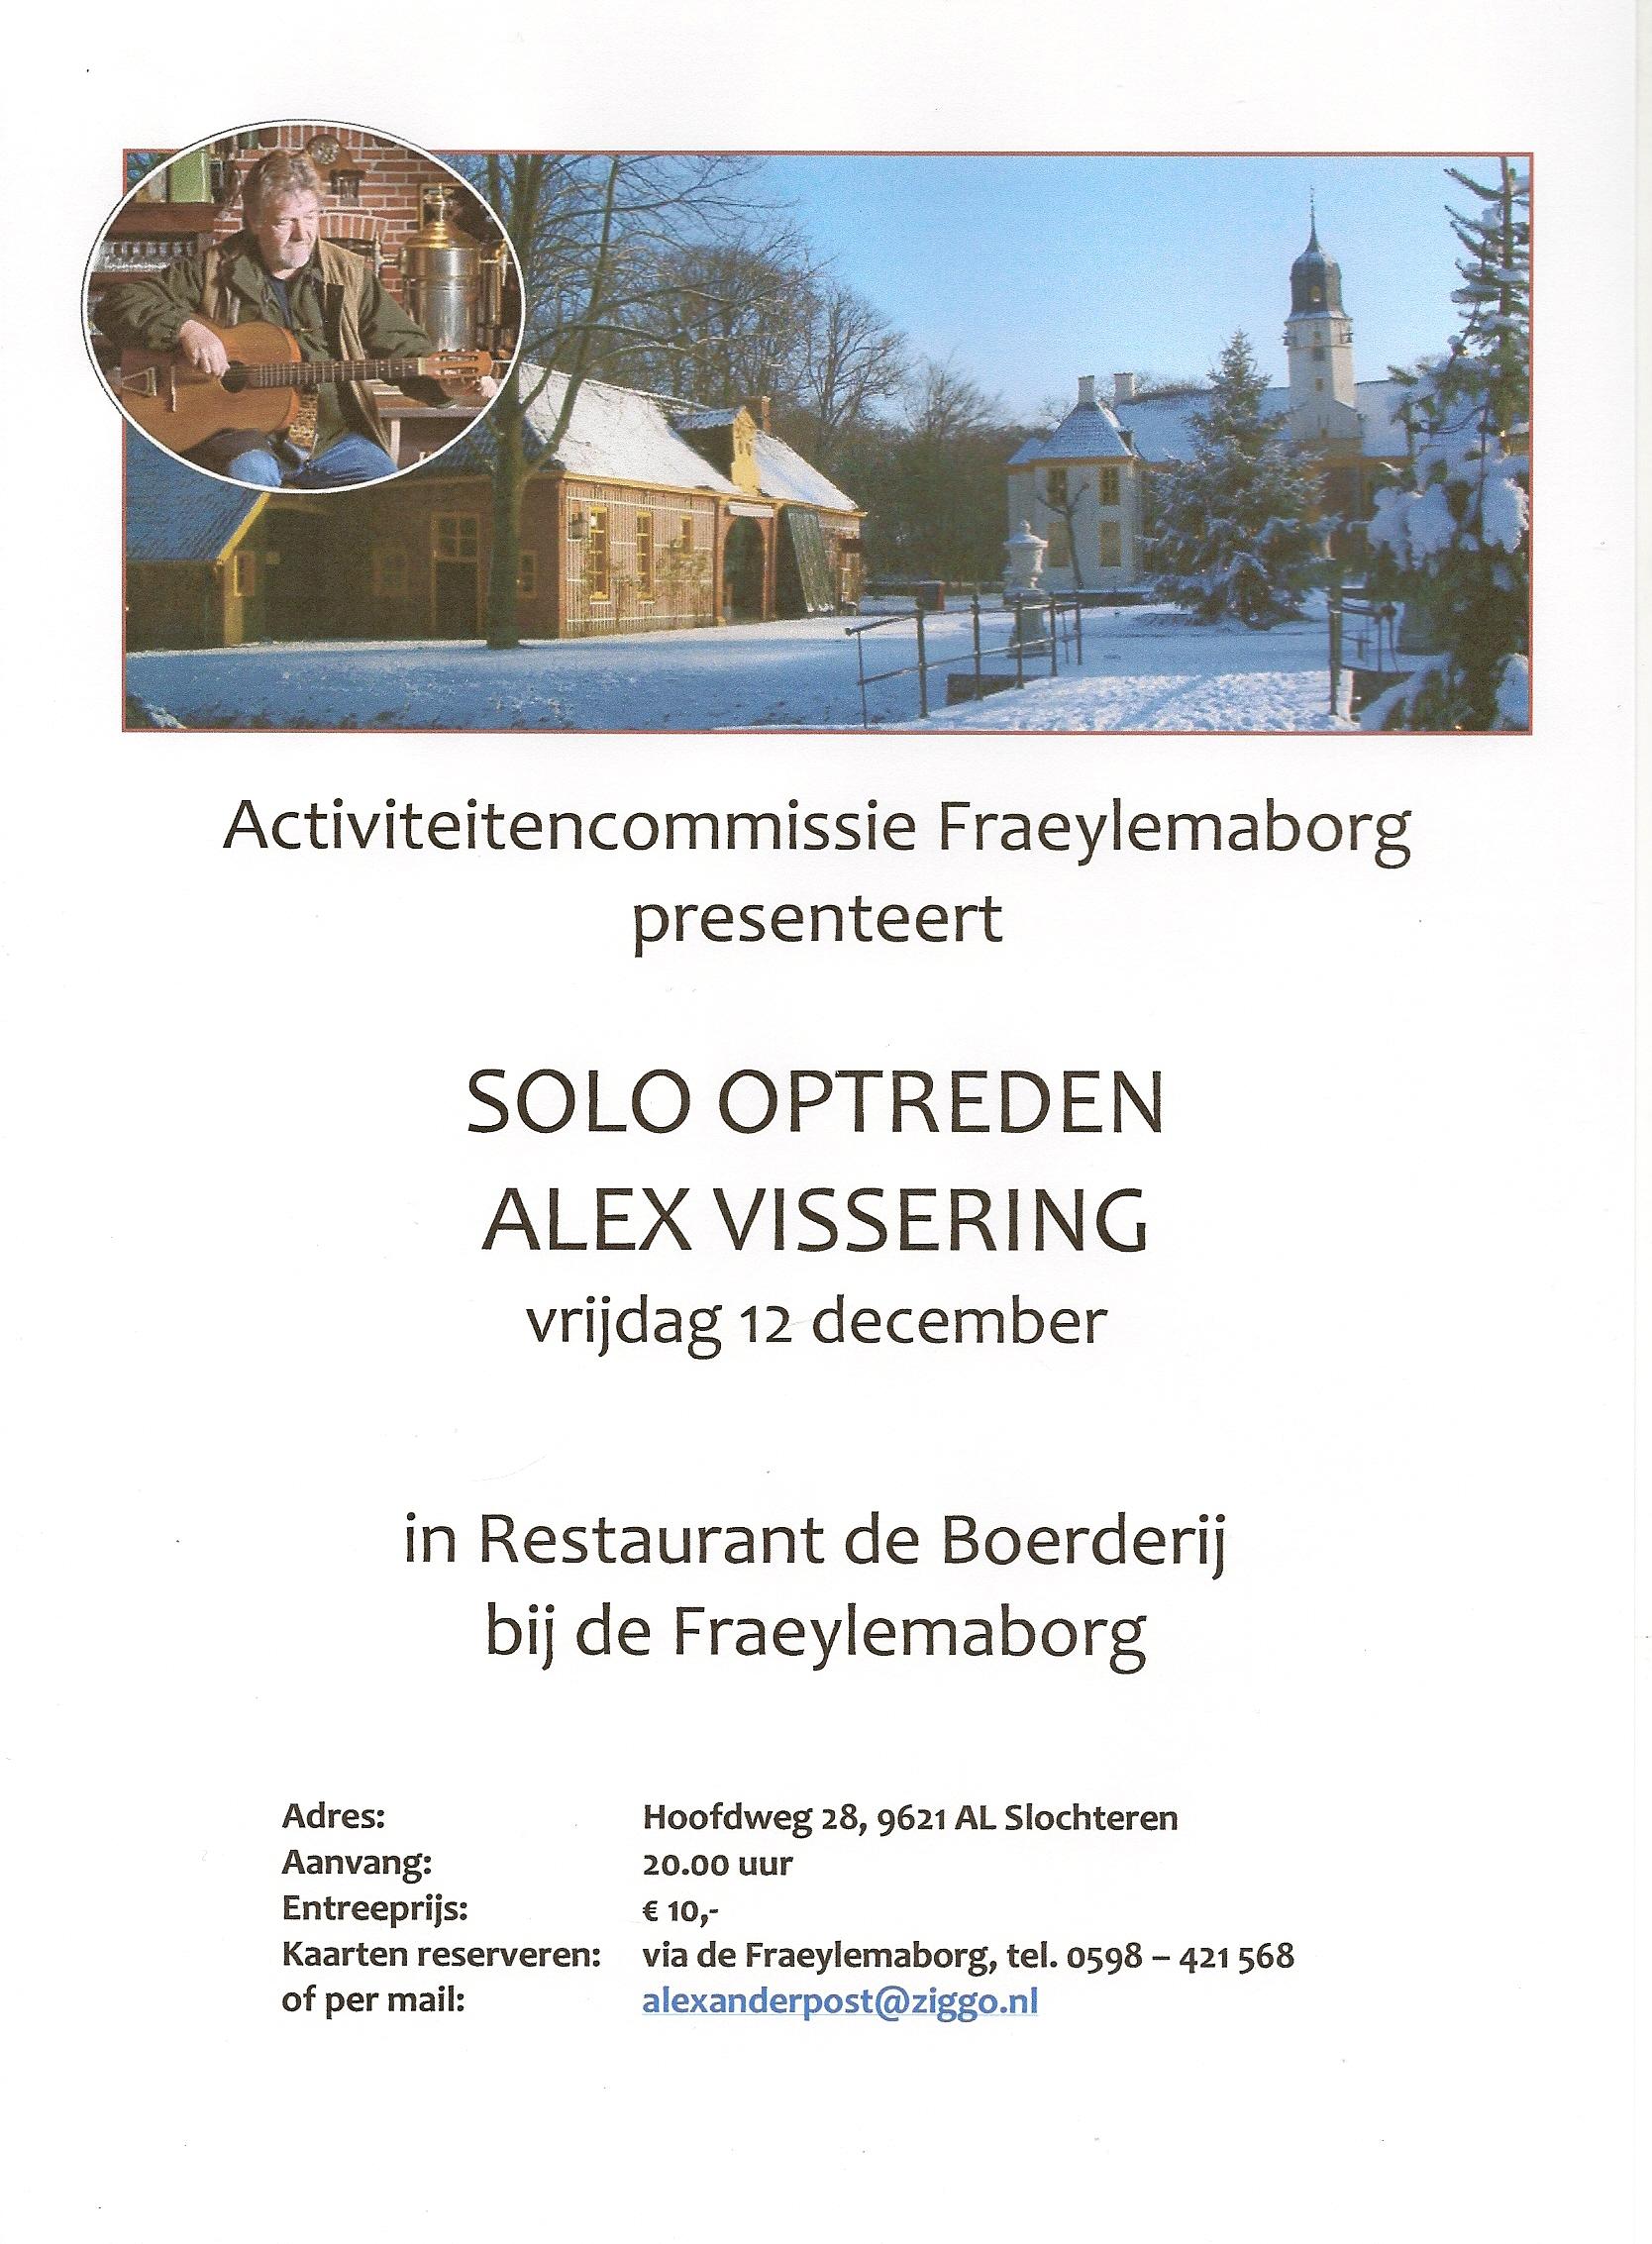 poster Fraeylemaborg 2014